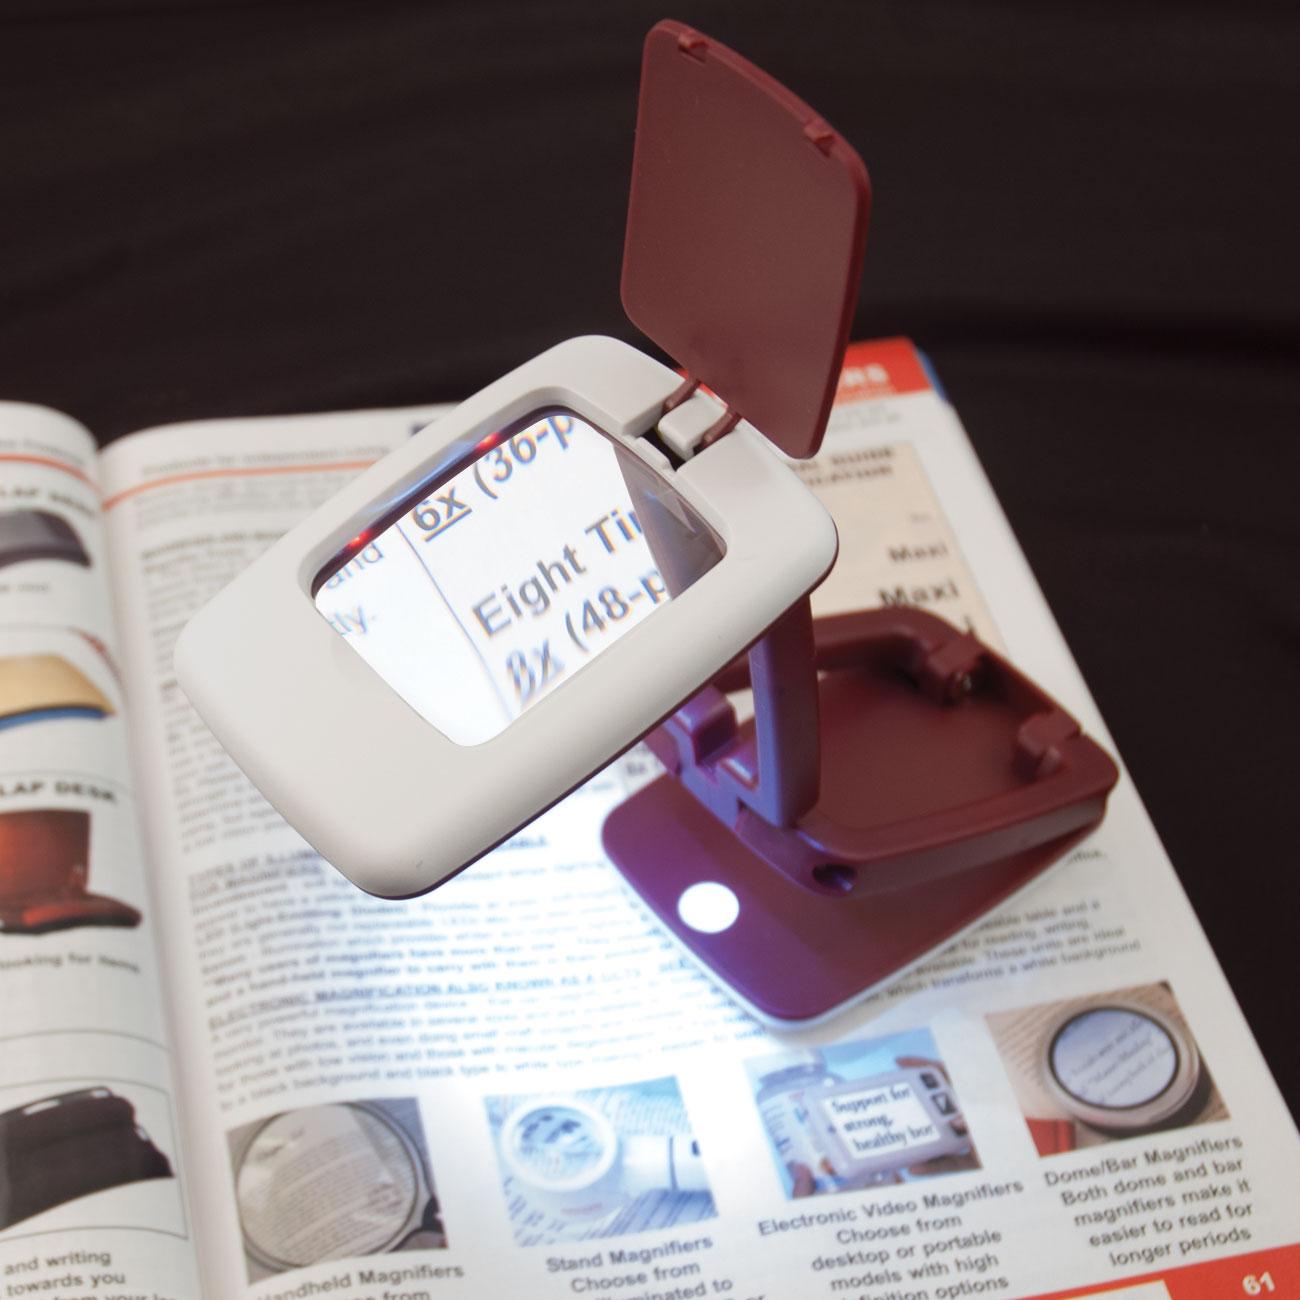 Foldable LED Desk Magnifier - 3x